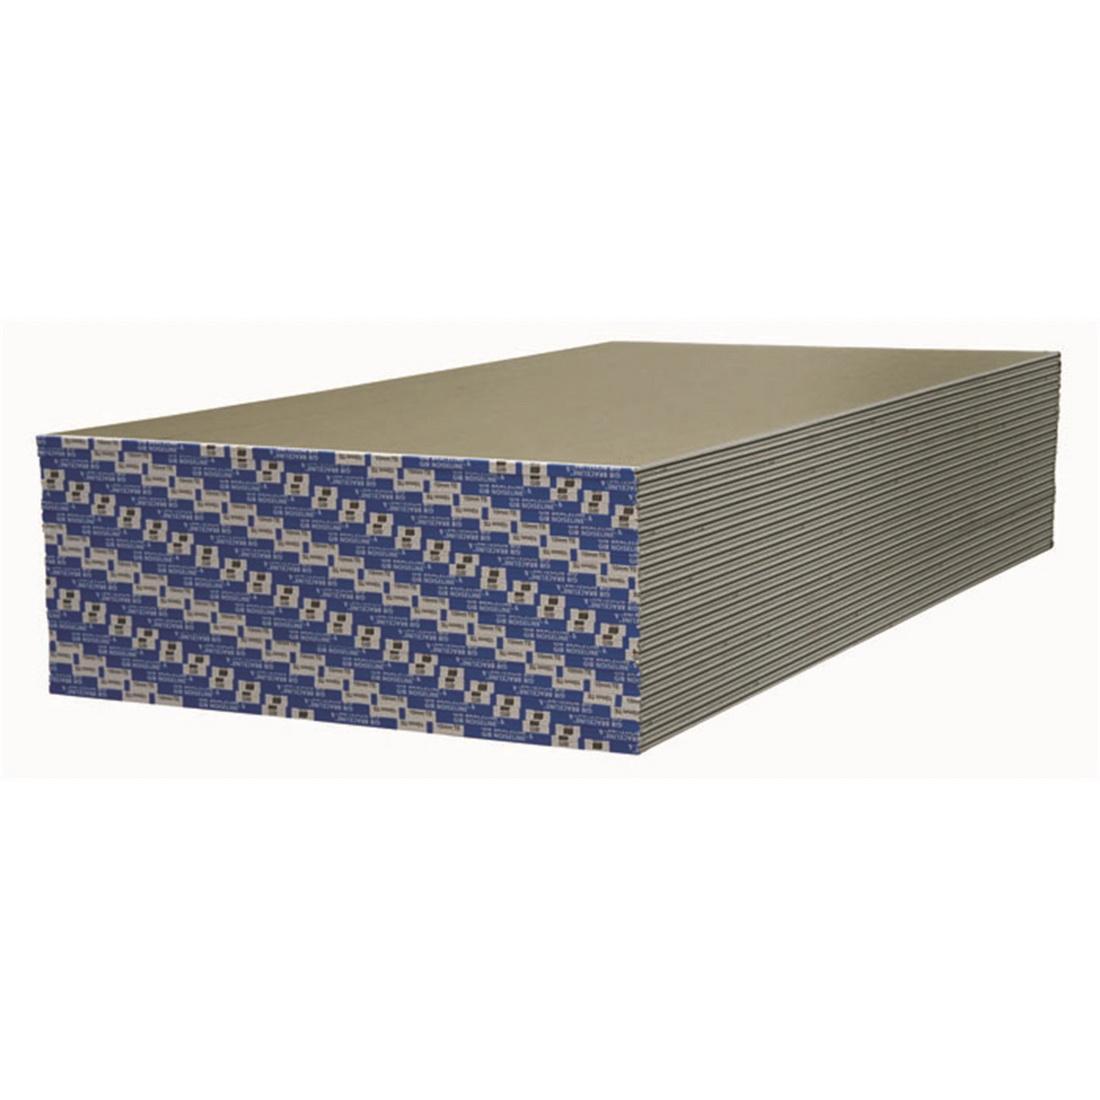 Braceline Noiseline Plasterboard 2700 x 1200 x 10mm 15055